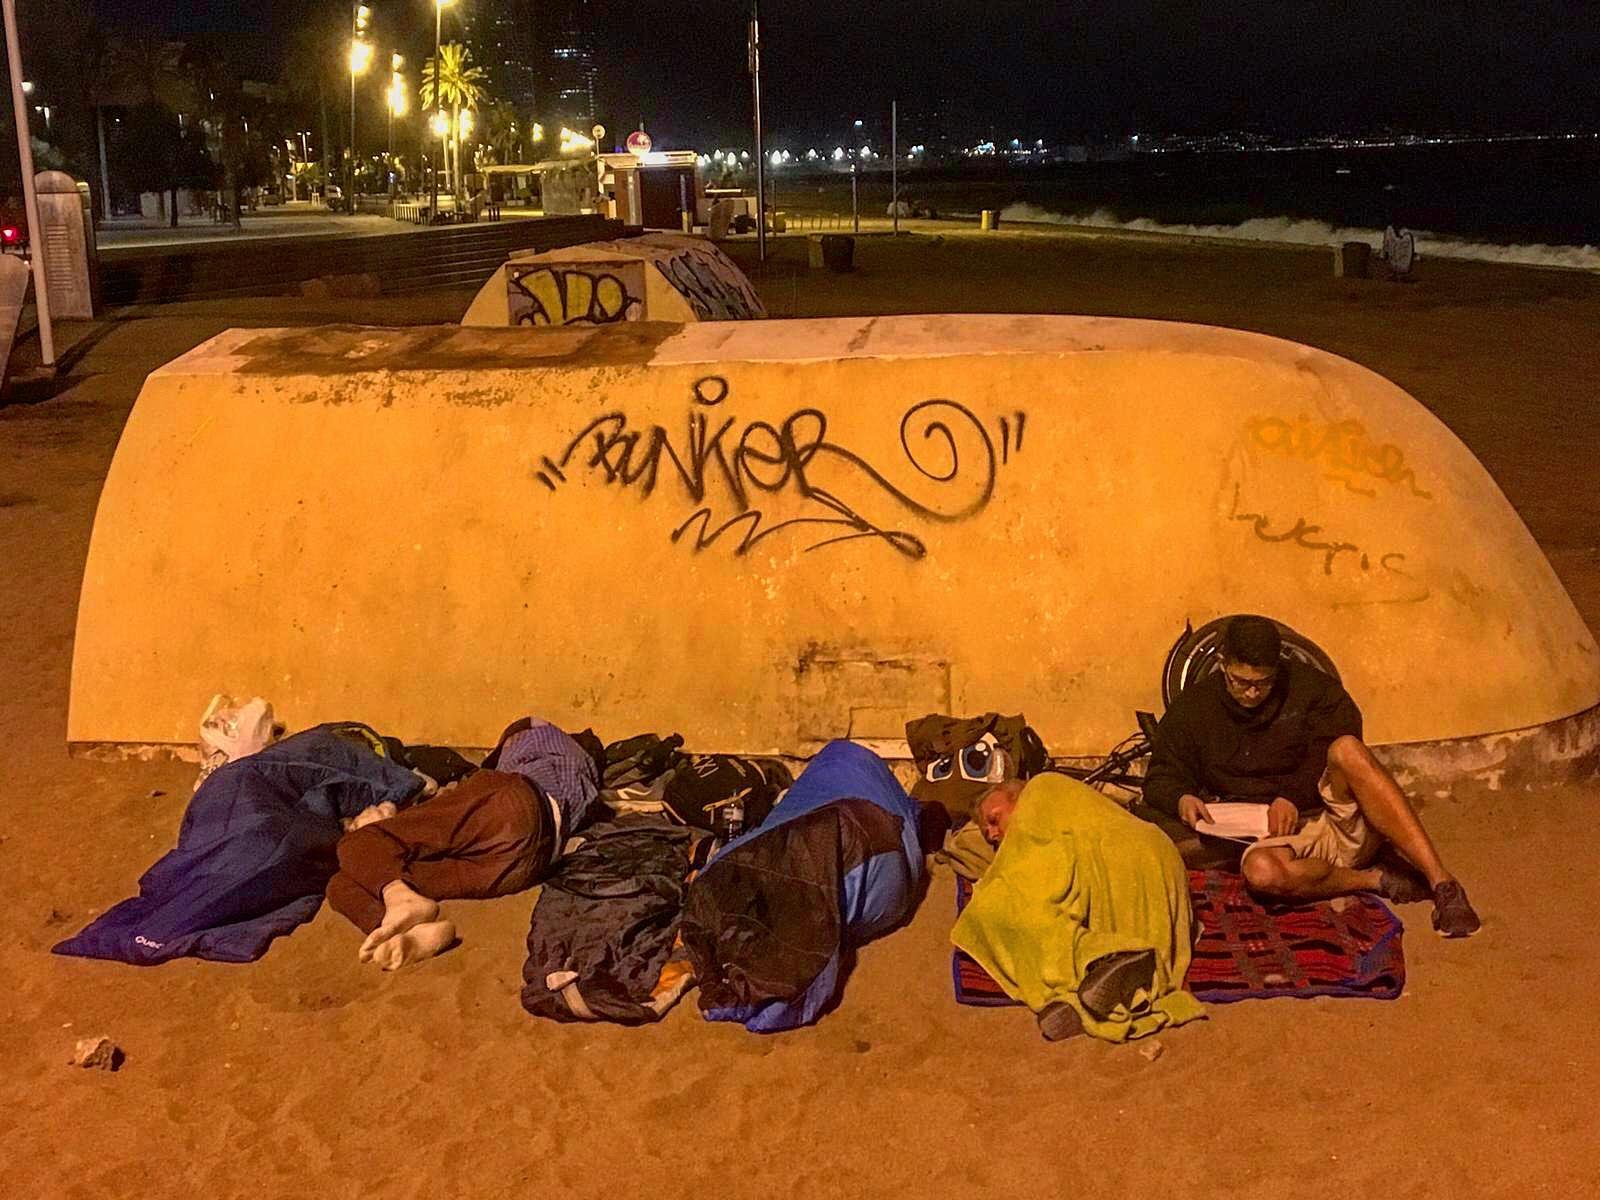 Voluntarios de #HomelessEntrepreneur durmiendo en la playa la noche del día 19 de agosto para mejorar su estado de conocimiento y empatia con el fin de reconocer como se puede llevar a cabo un cambio verdadero a través del trabajo y ciudadania activa.